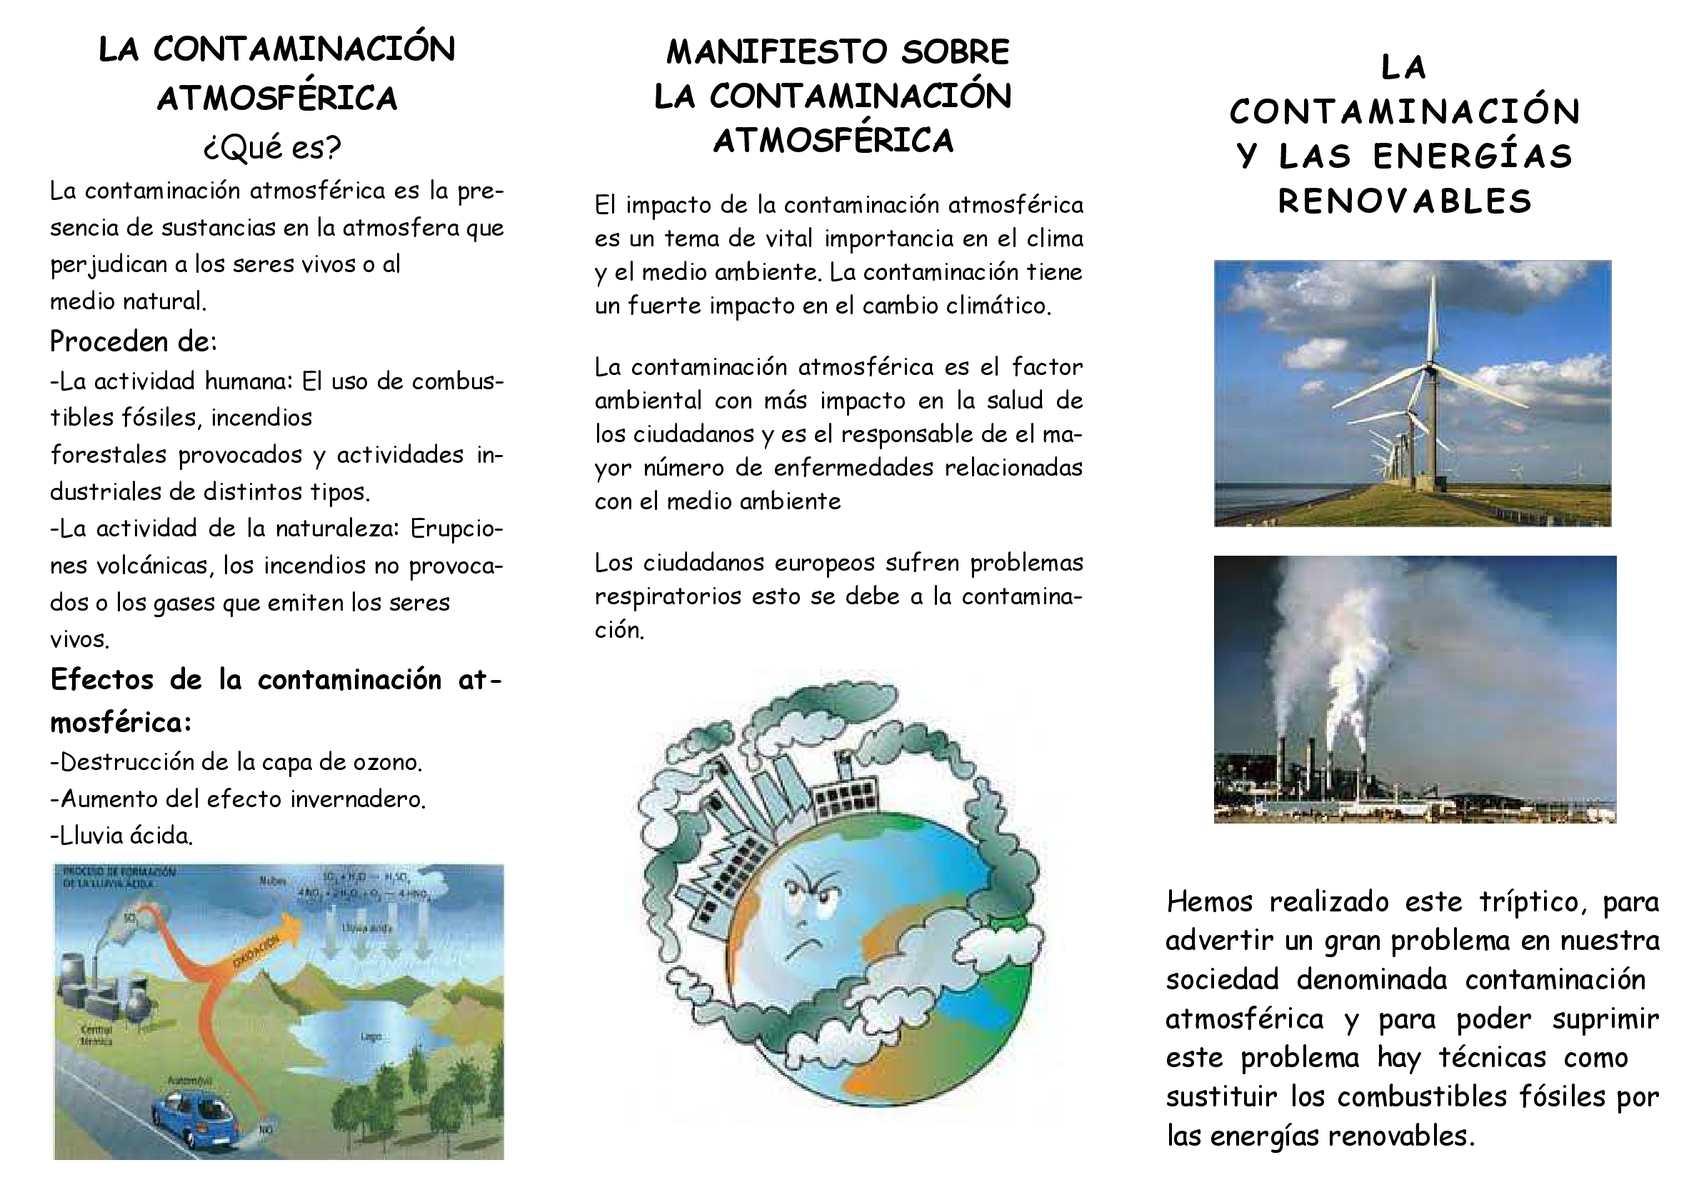 Cuales son las ventajas y desventajas de la energia fotovoltaica 46